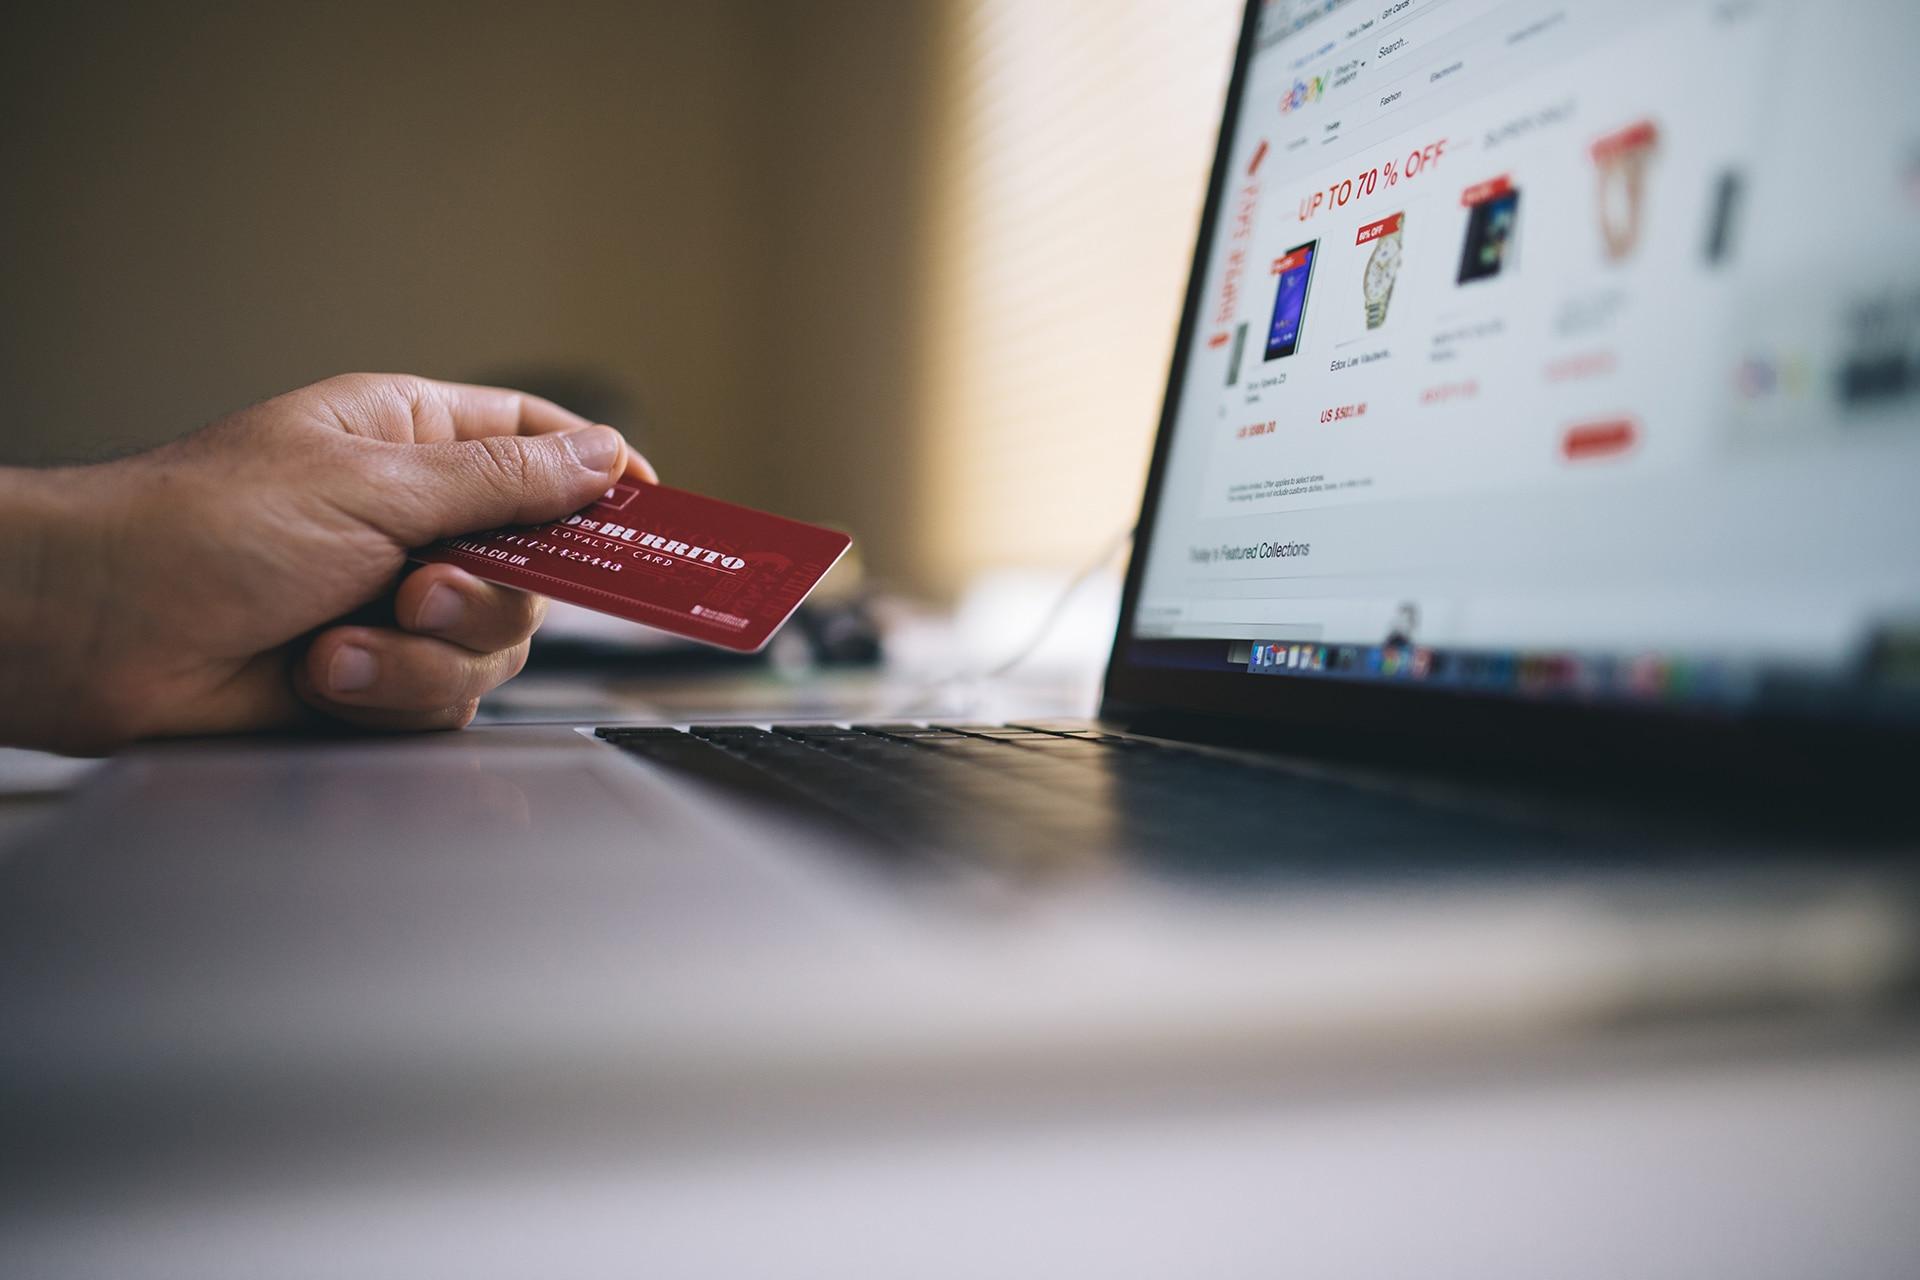 wijzigingen-btw-tarieven-webshops-vanaf-1-juli-2021